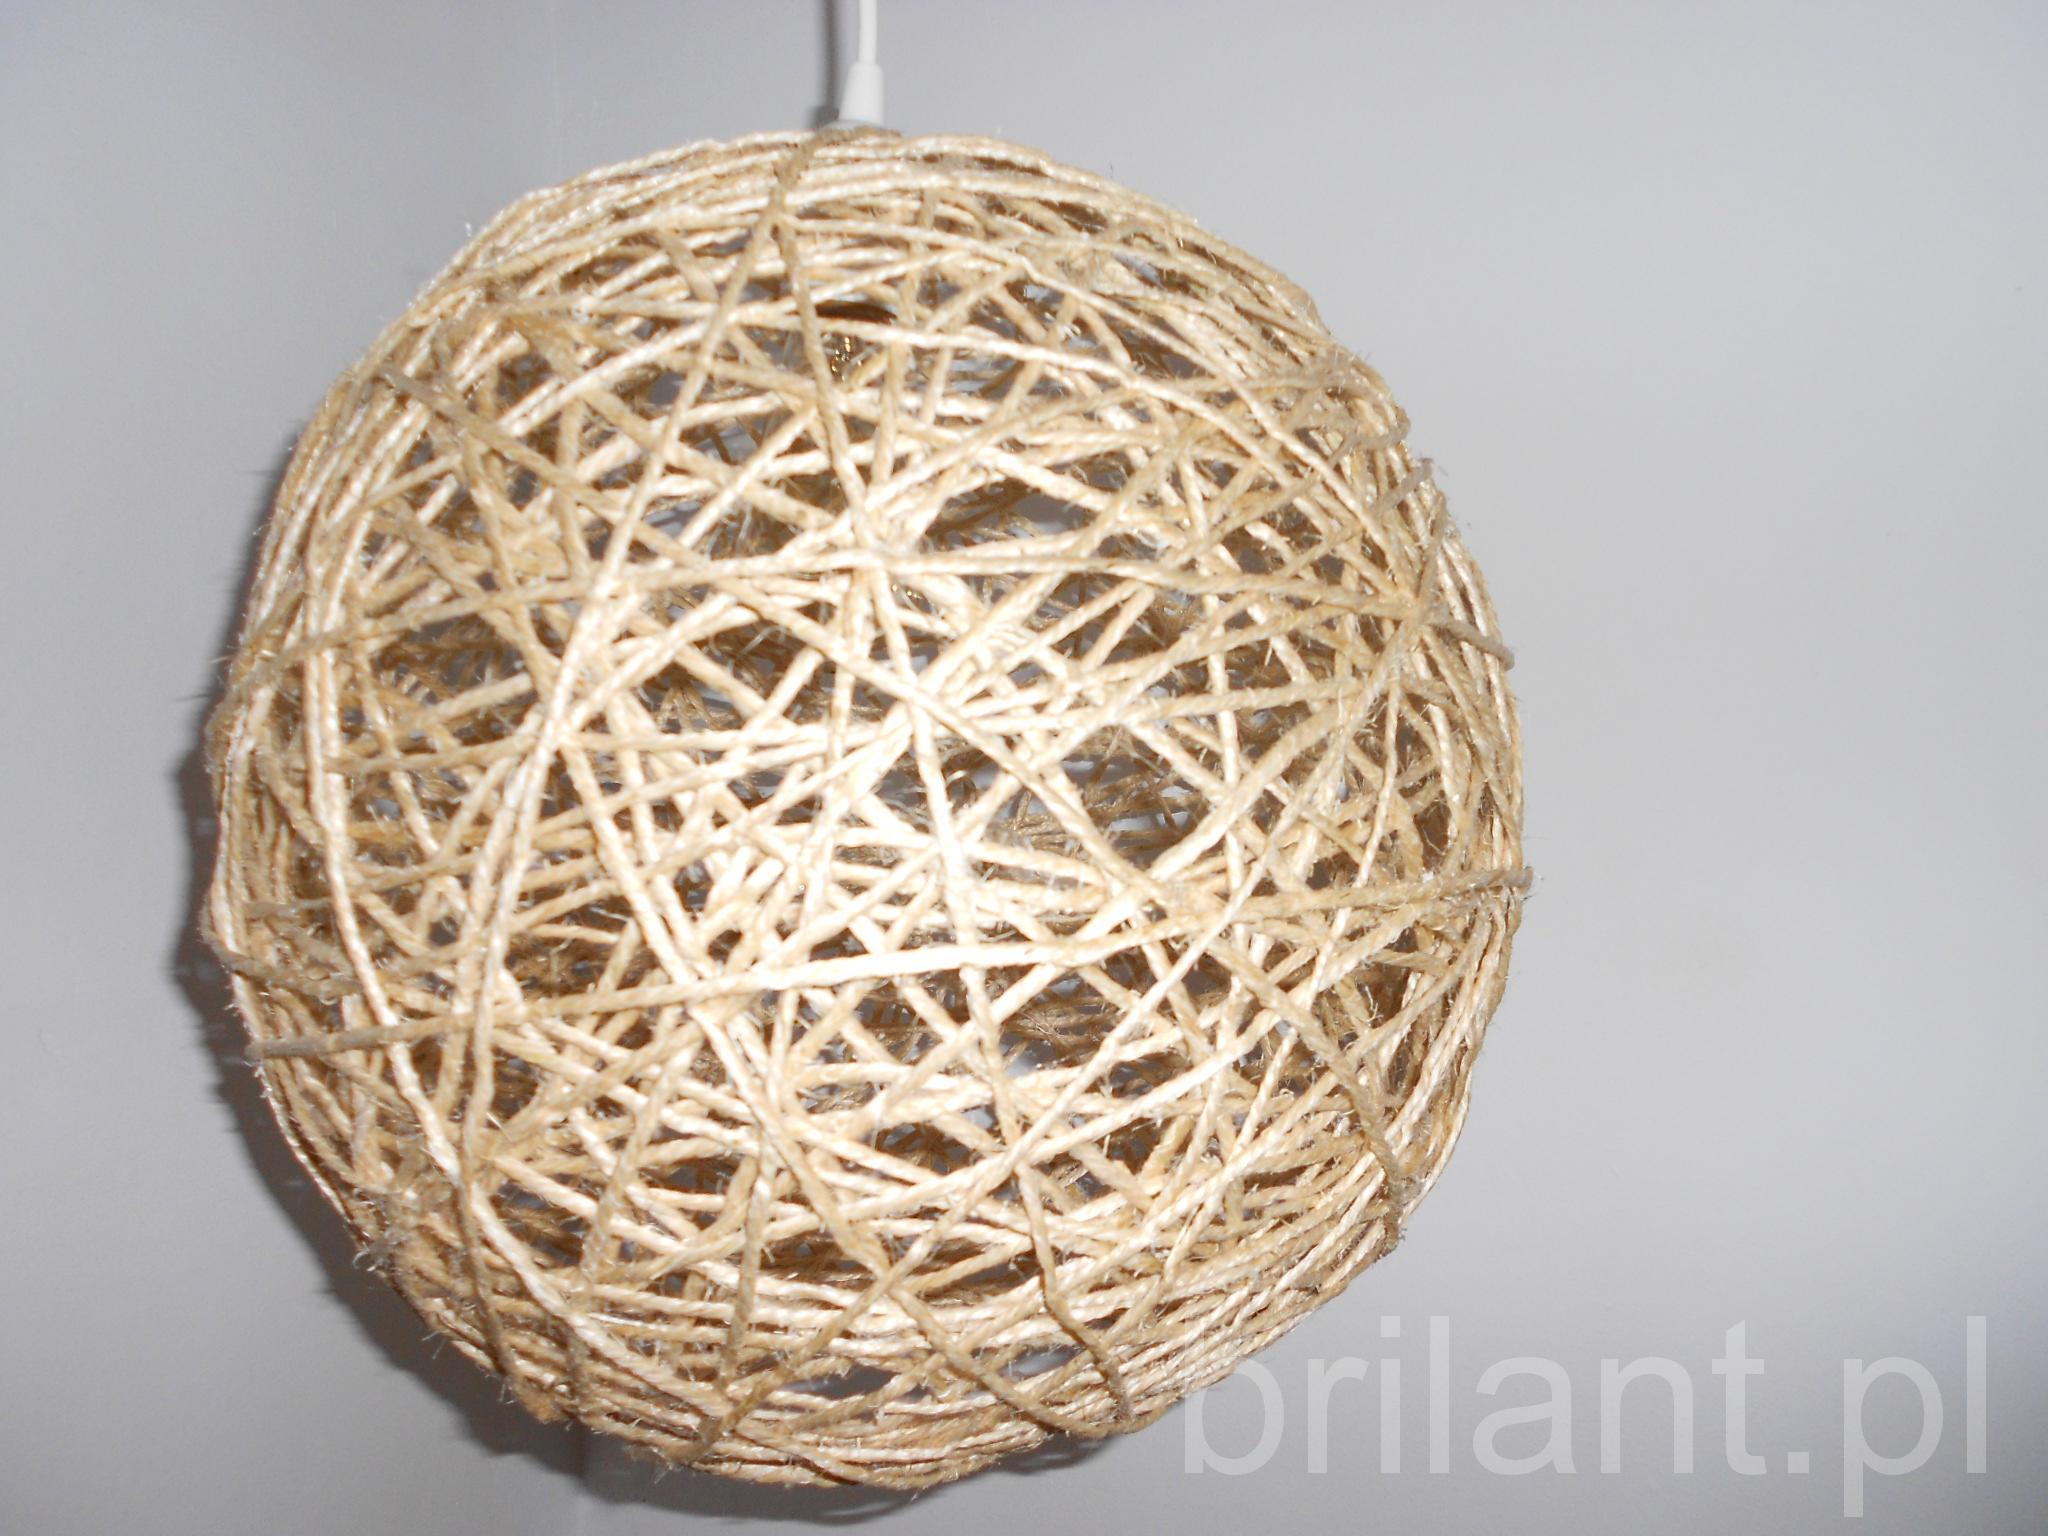 Lampa kula ze sznurka